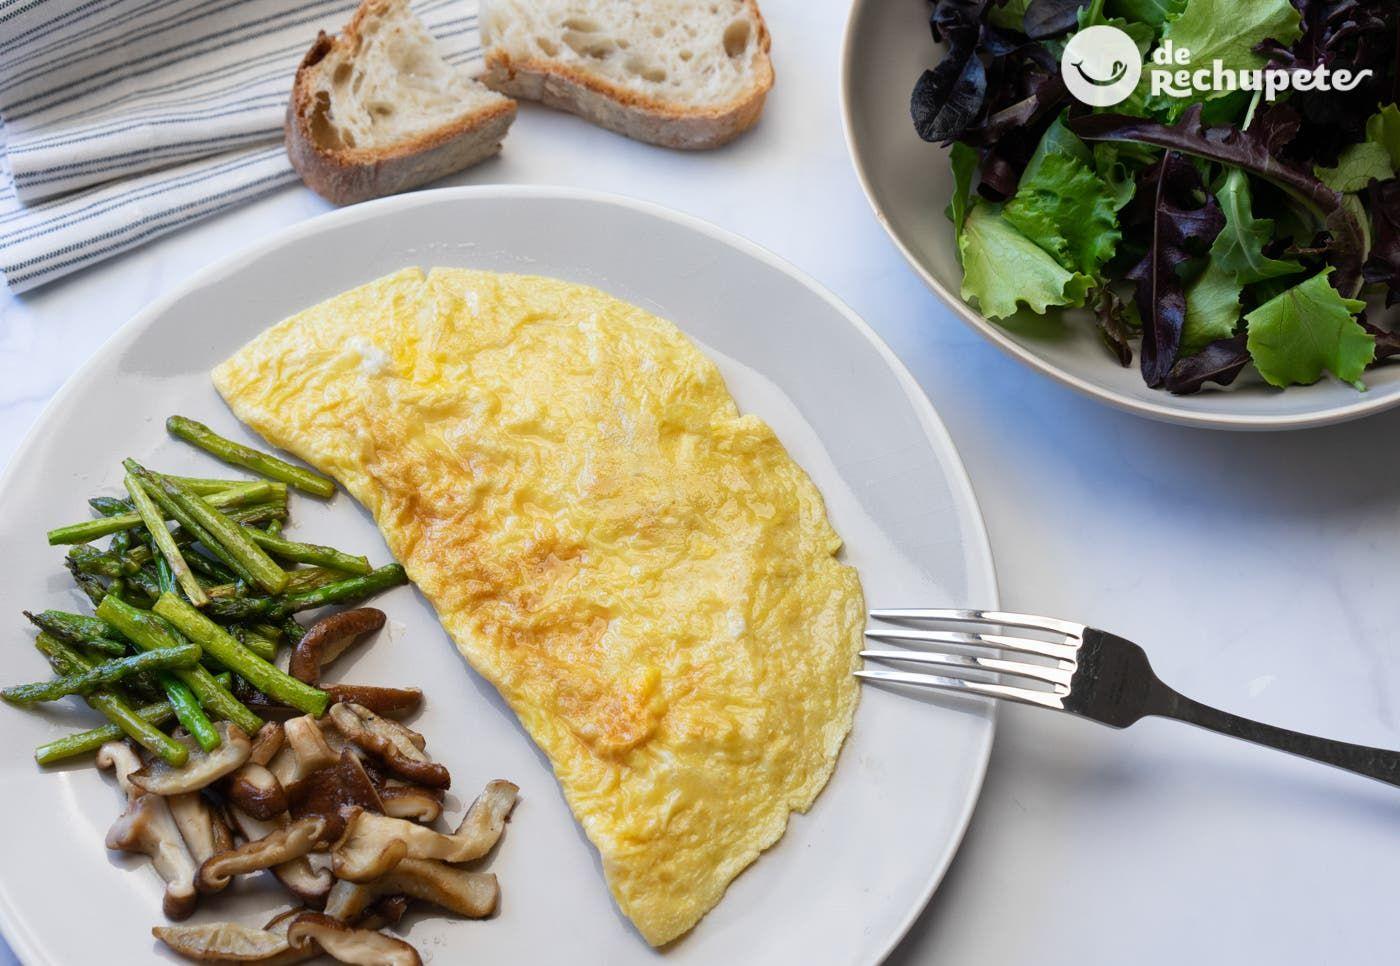 Cómo Hacer Una Tortilla Francesa Recetas De Rechupete Recetas De Cocina Caseras Y Fáciles Receta Tortilla Francesa Preparacion De Tortas Recetas De Cocina Casera